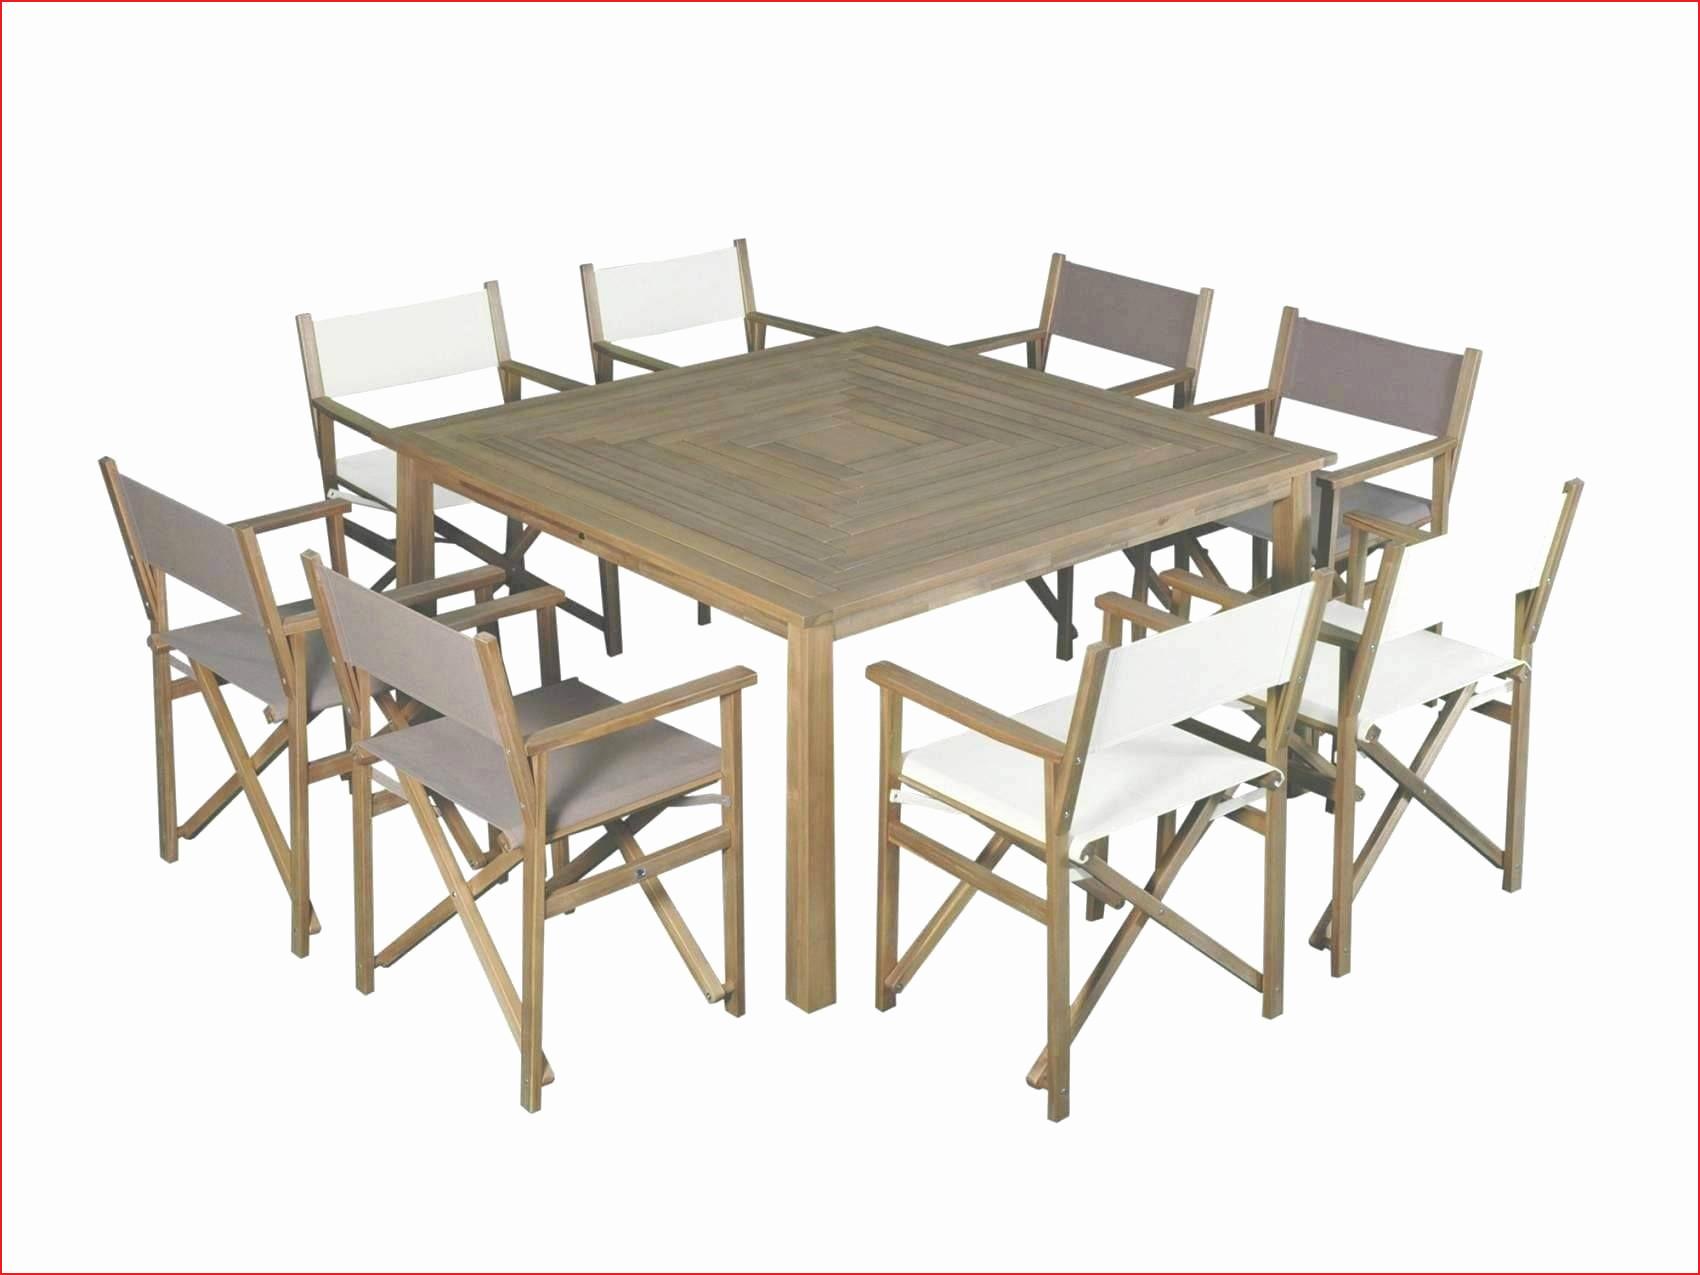 Prendre Un Housse Table Jardin Photos De Jardin Conception ... avec Table Jardin Hesperide